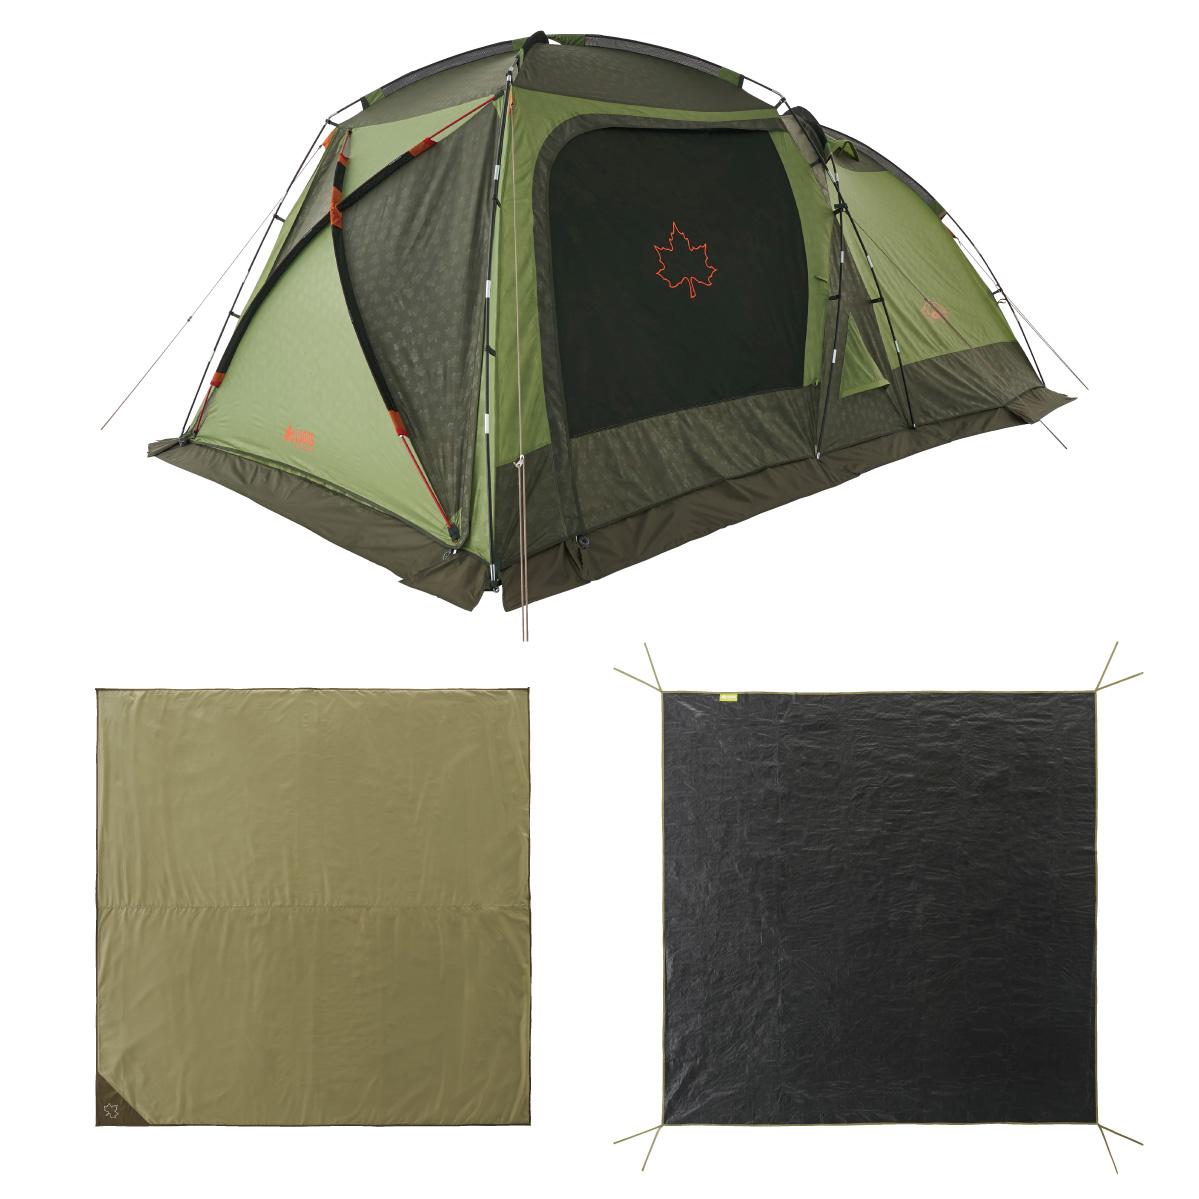 ロゴス(LOGOS) キャンプ用テント(3~5人用) neos PANELスクリーンドゥーブル XL-BJチャレンジセット 71809560 テント タープ キャンプ用テント キャンプ アウトドア